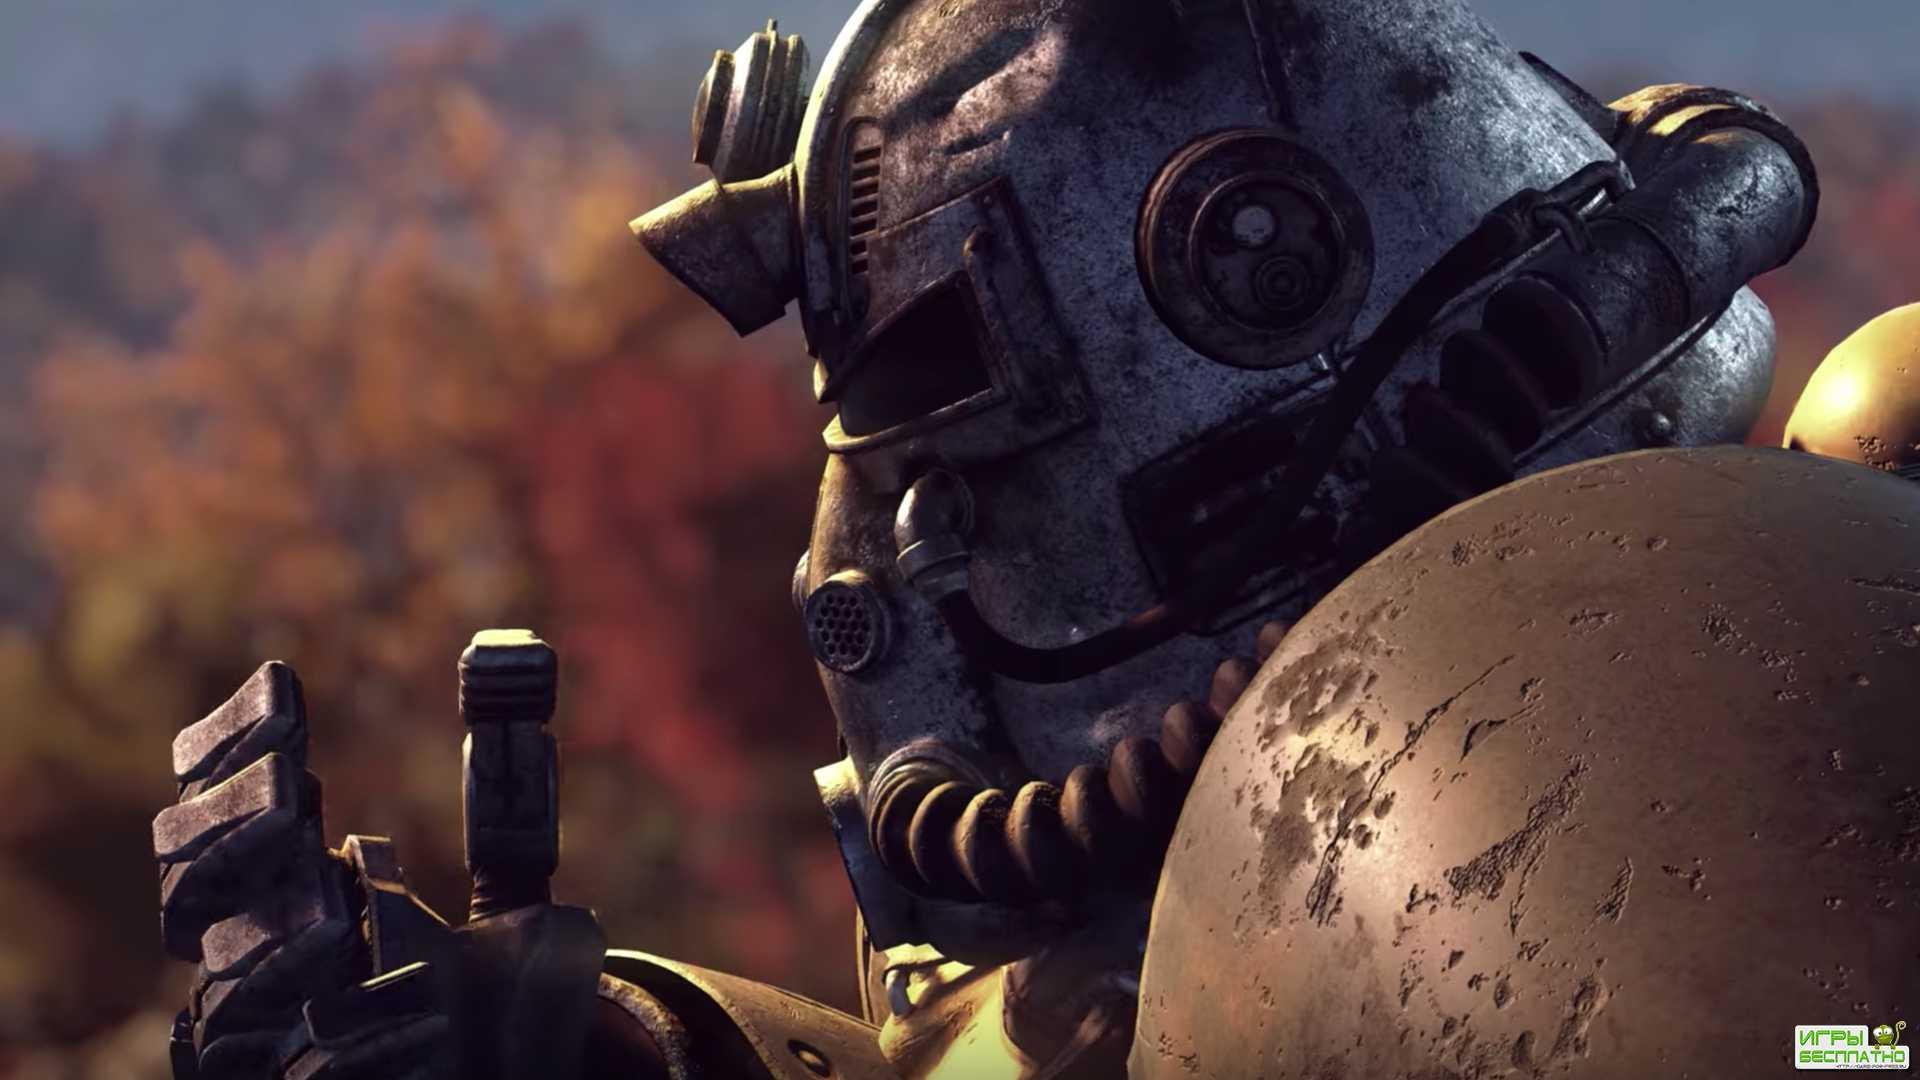 Ядерные удары в Fallout 76 стали появляться чаще